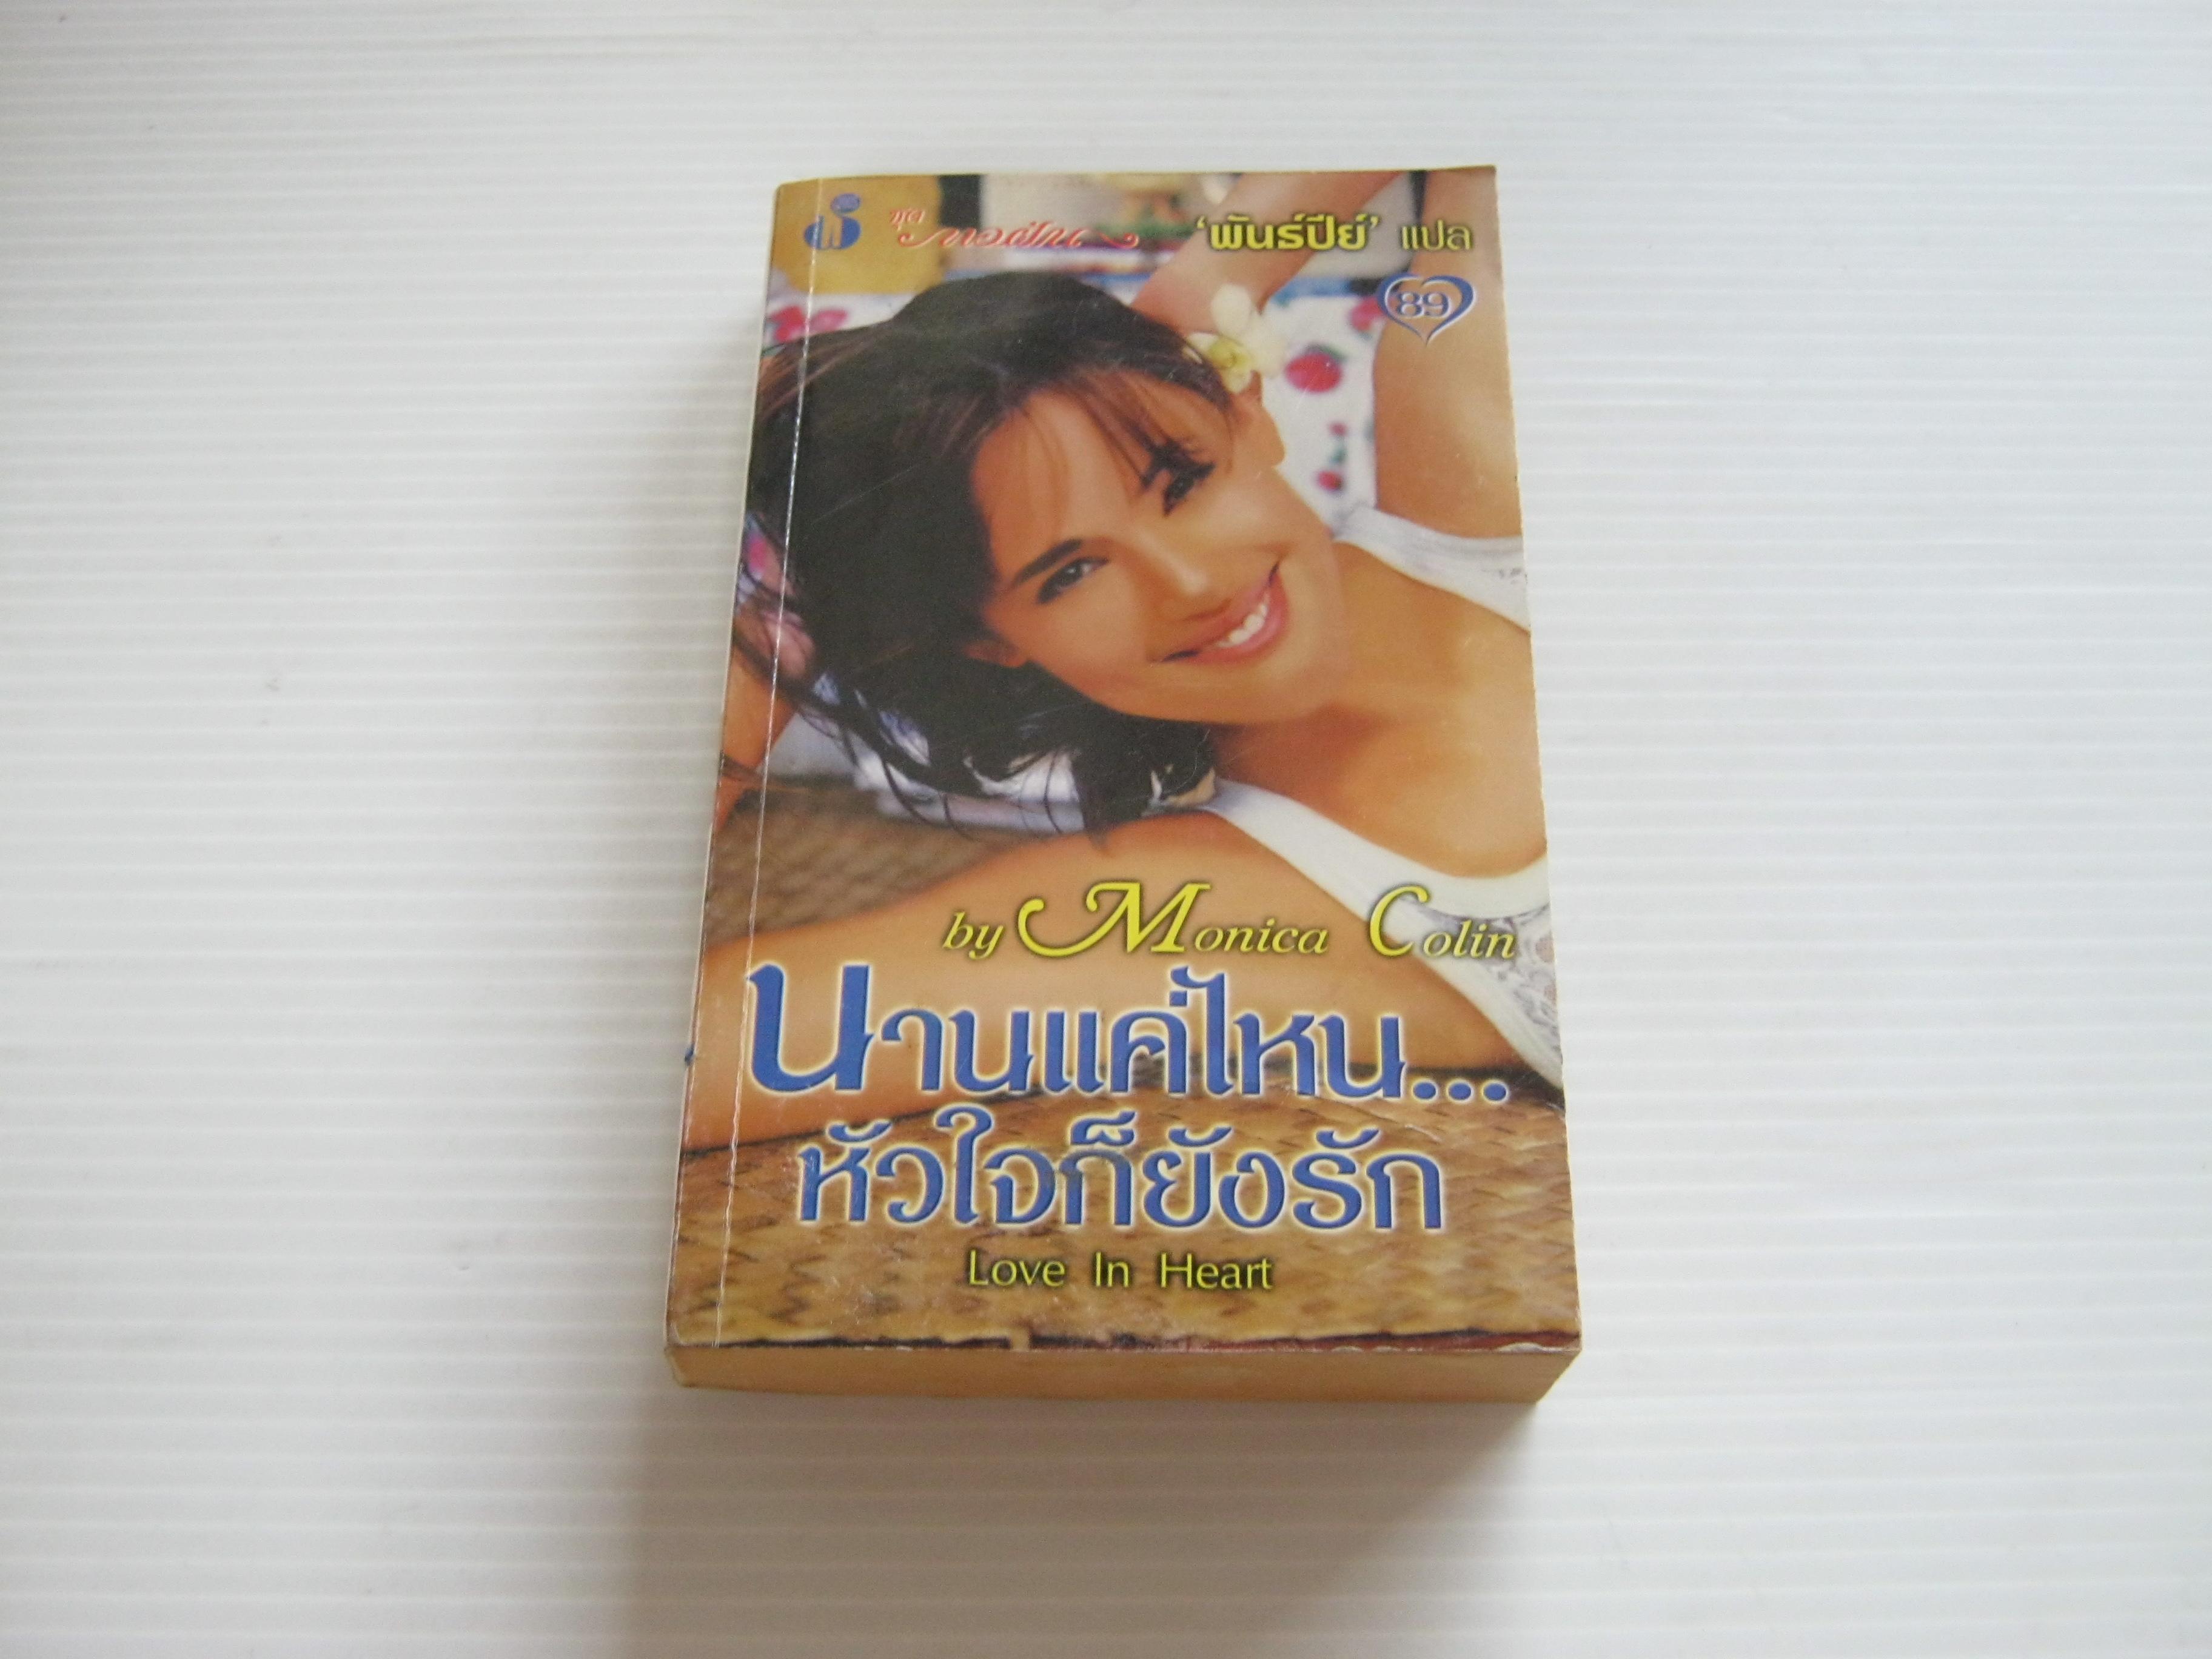 นานแค่ไหน...หัวใจก็ยังรัก (Love In Heart) Monica Colin เขียน พันธ์ปีย์ แปล